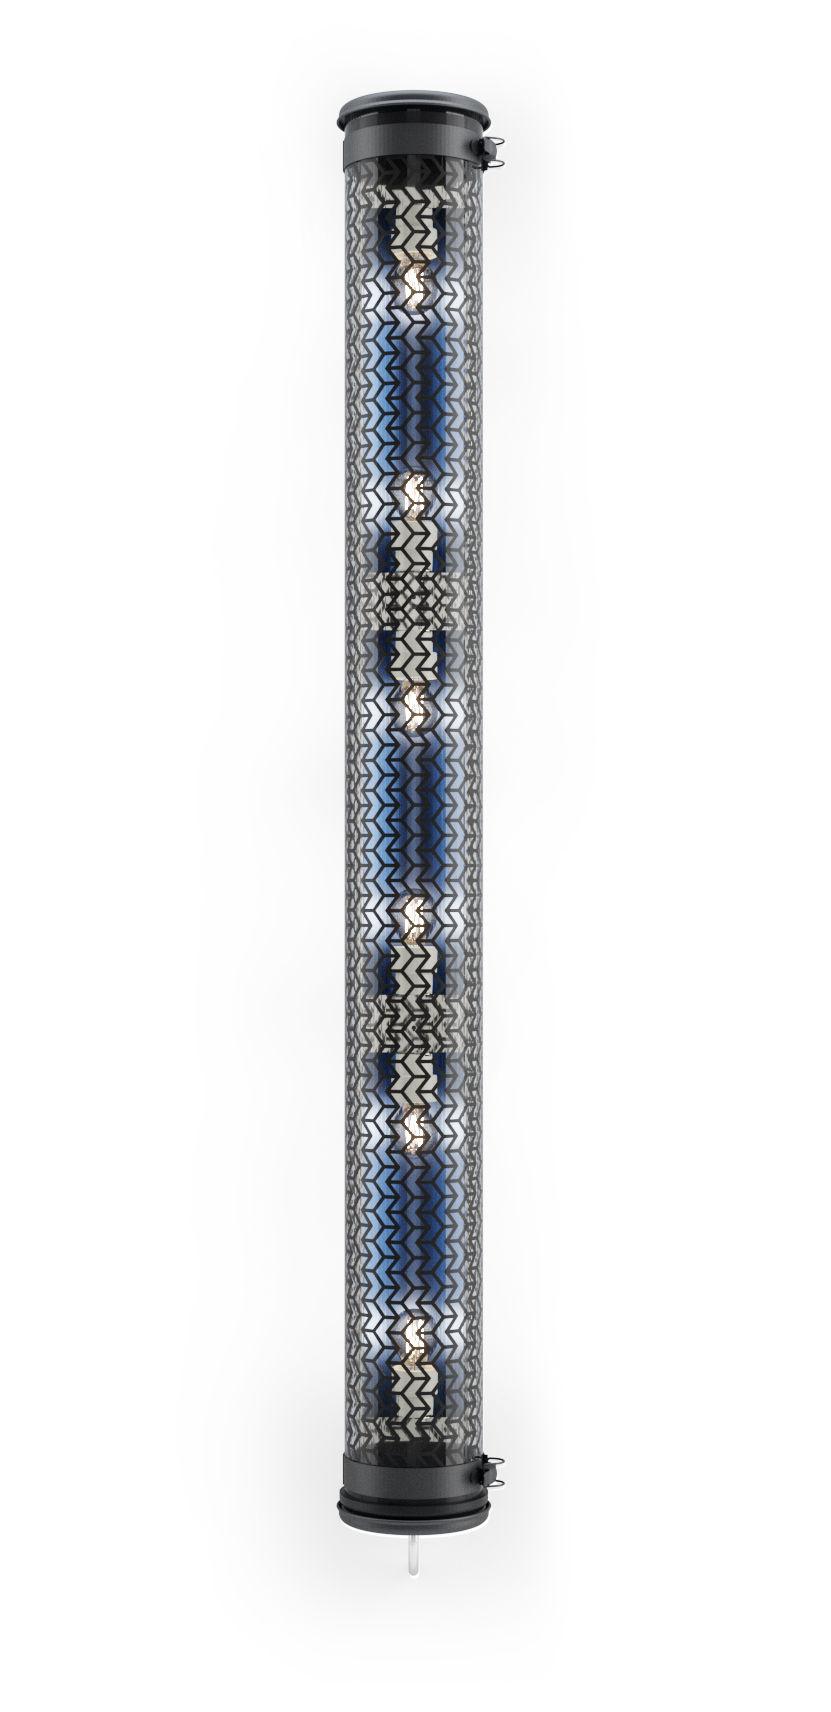 Luminaire - Appliques - Applique Monceau / Suspension - L 134 cm - SAMMODE STUDIO - Noir / Bleu Pétrole - Acier inoxydable, Aluminium anodisé, Polycarbonate